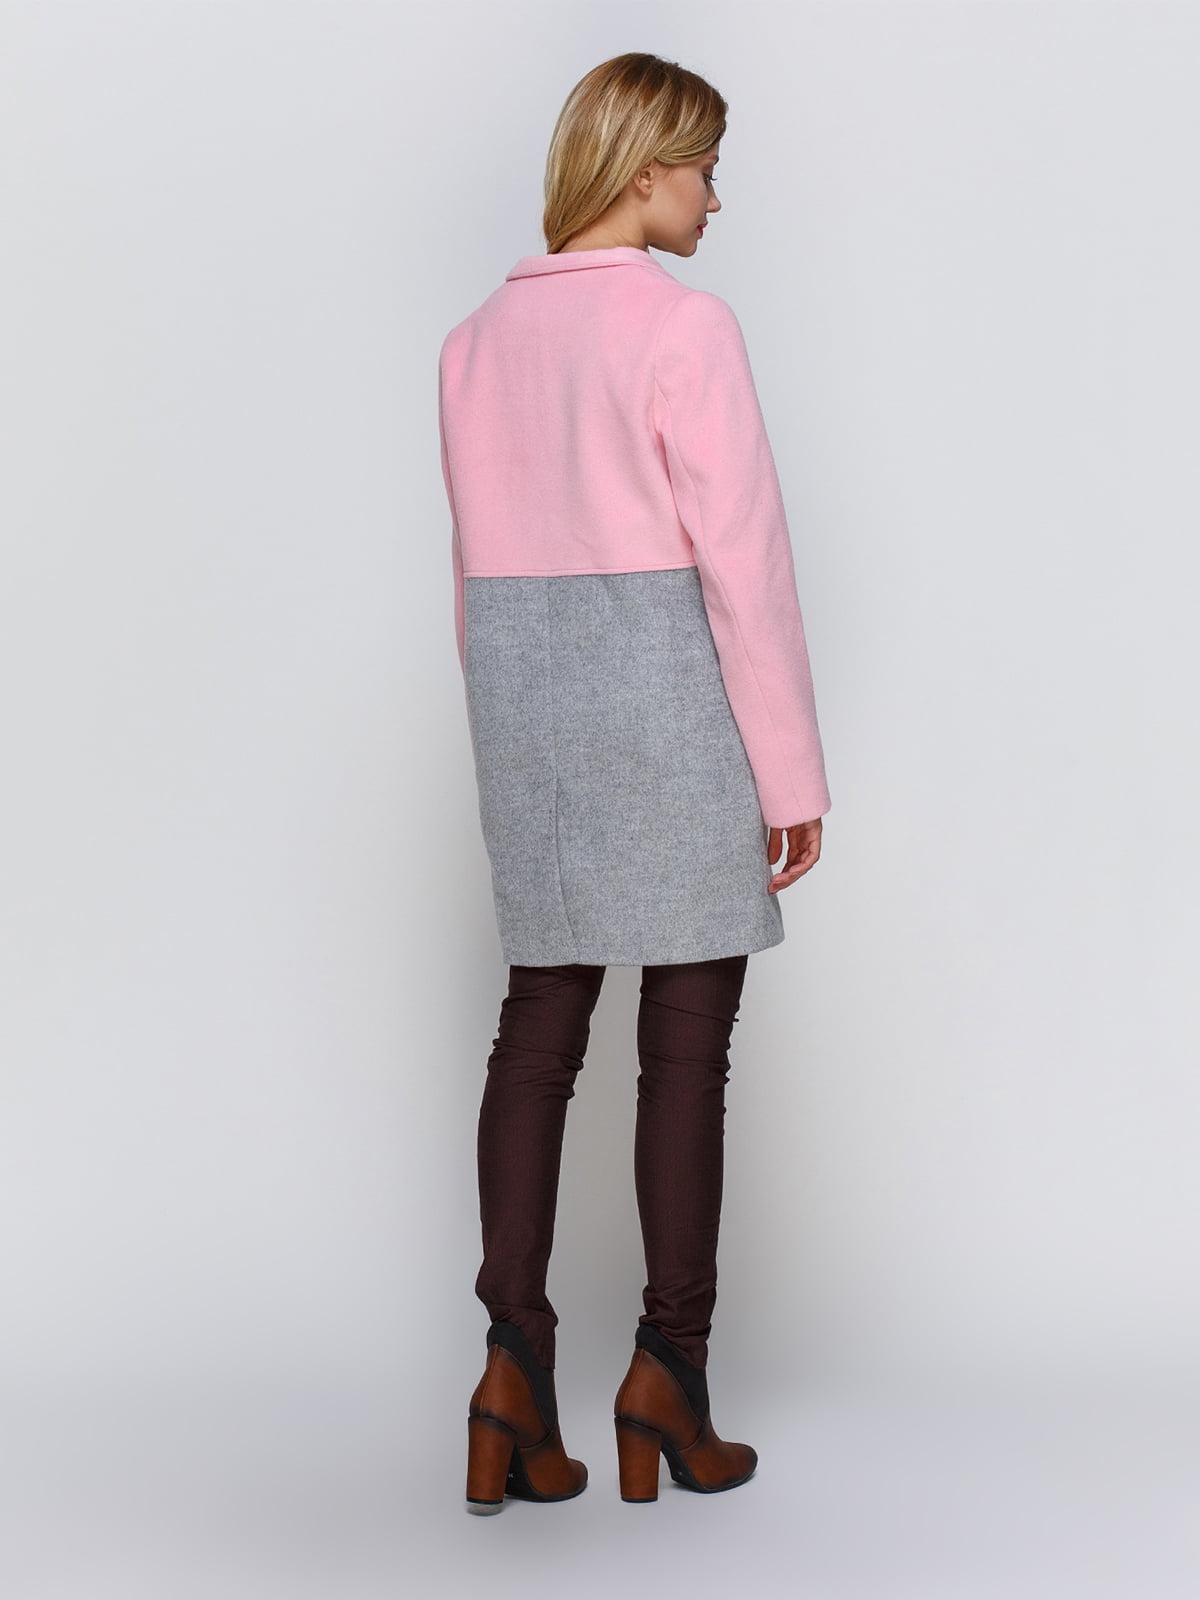 Пальто розово-серое   2194307   фото 3